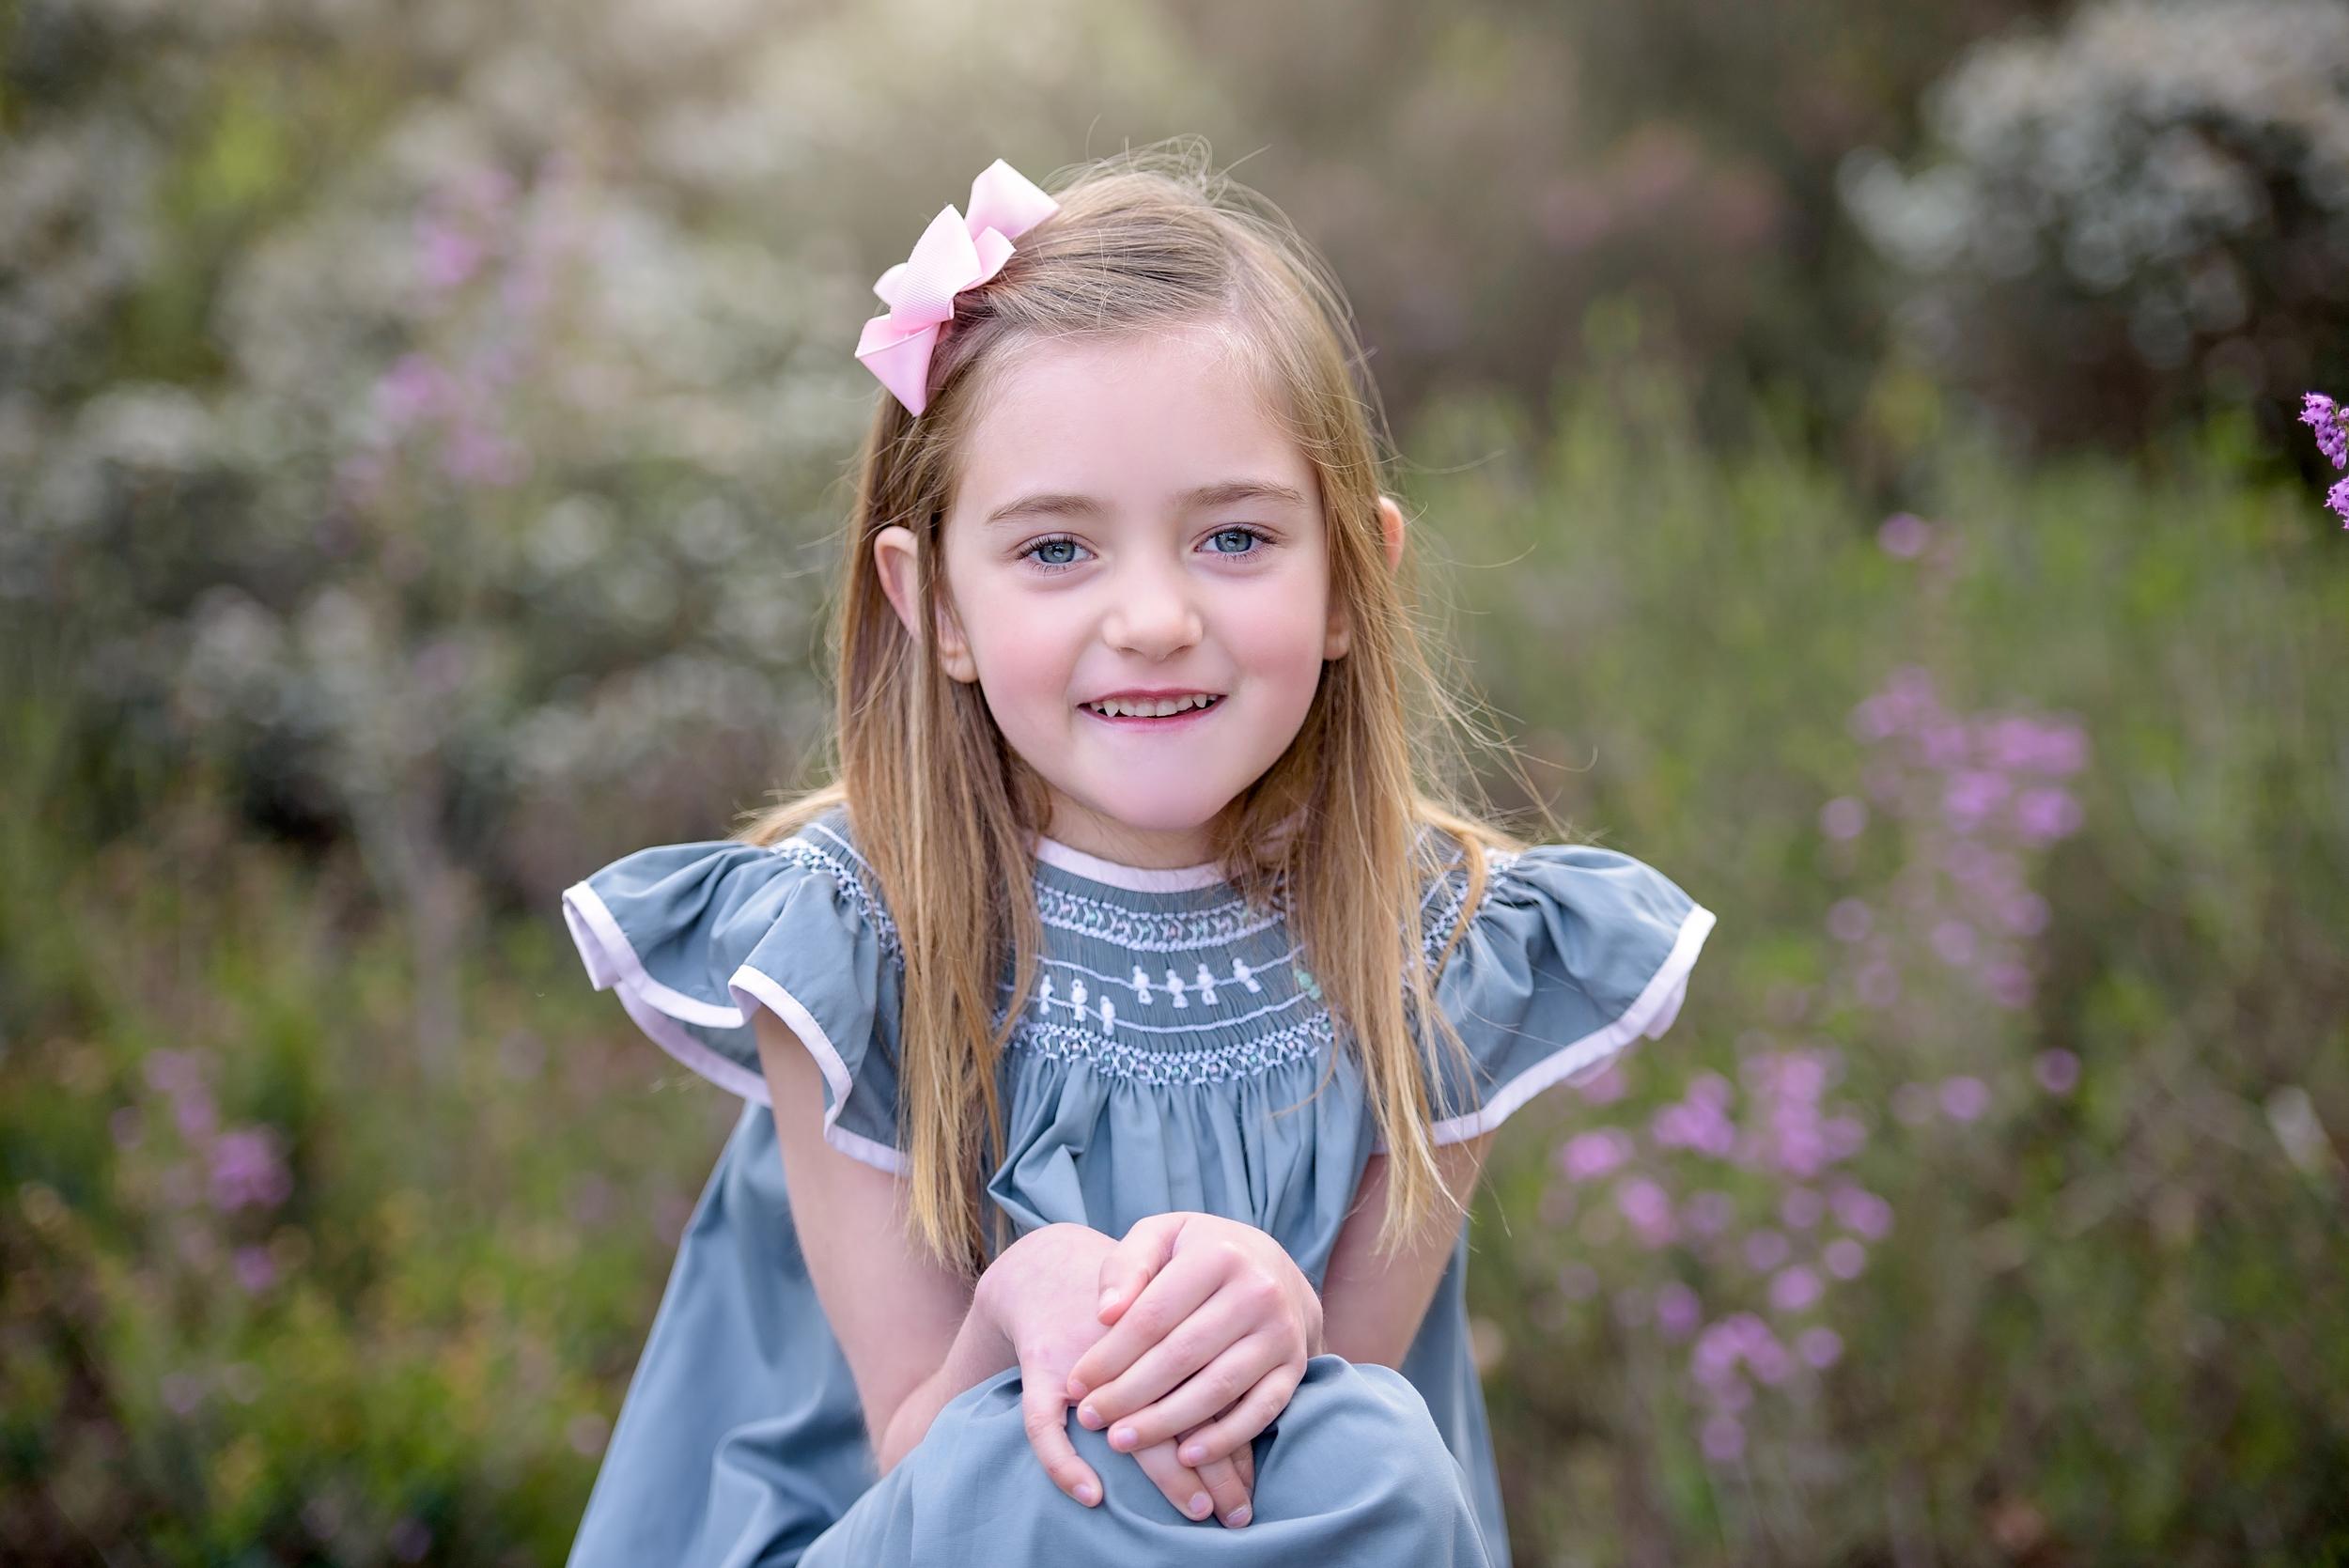 Children's portrait photographer, London